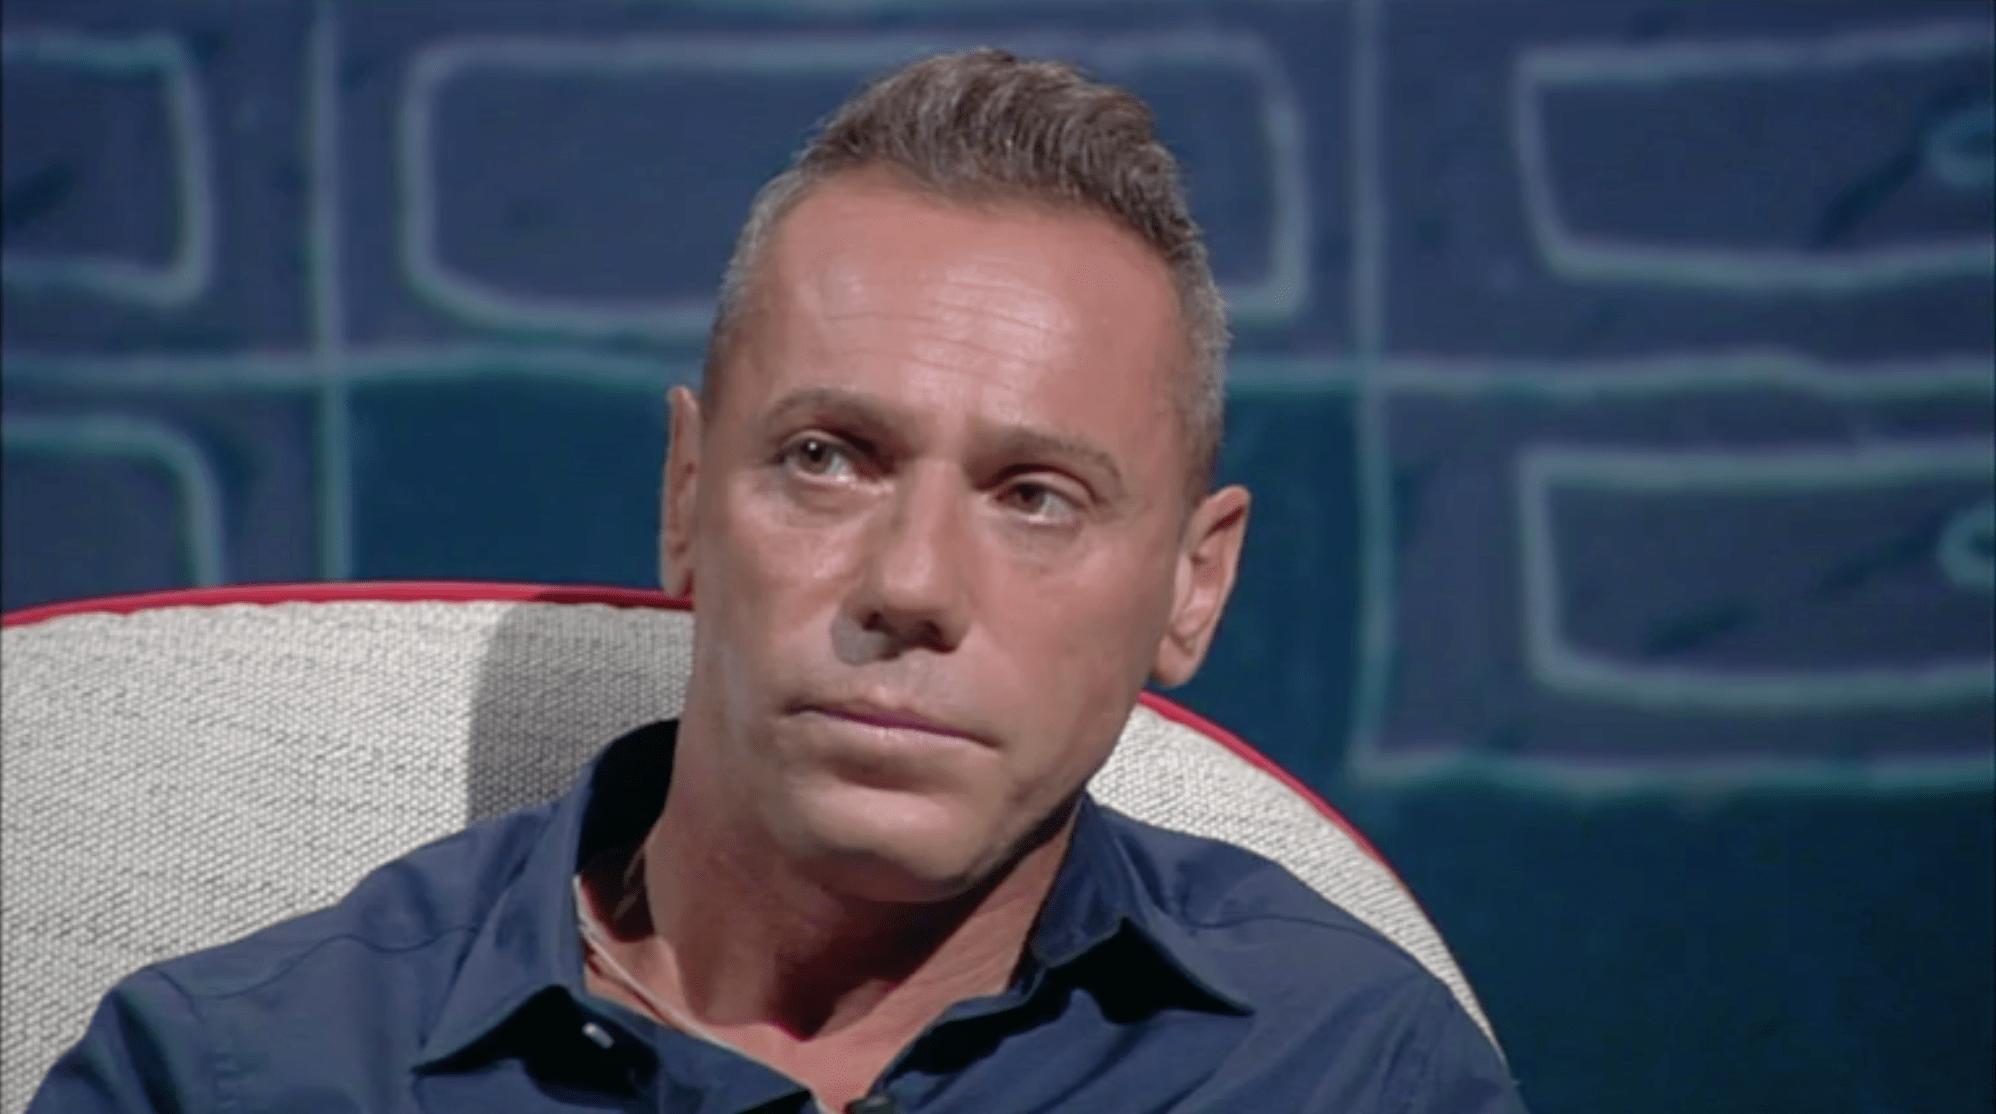 Pietro Maso a L'Intervista di Maurizio Costanzo: 'Sono qui senza difese, sono me stesso'